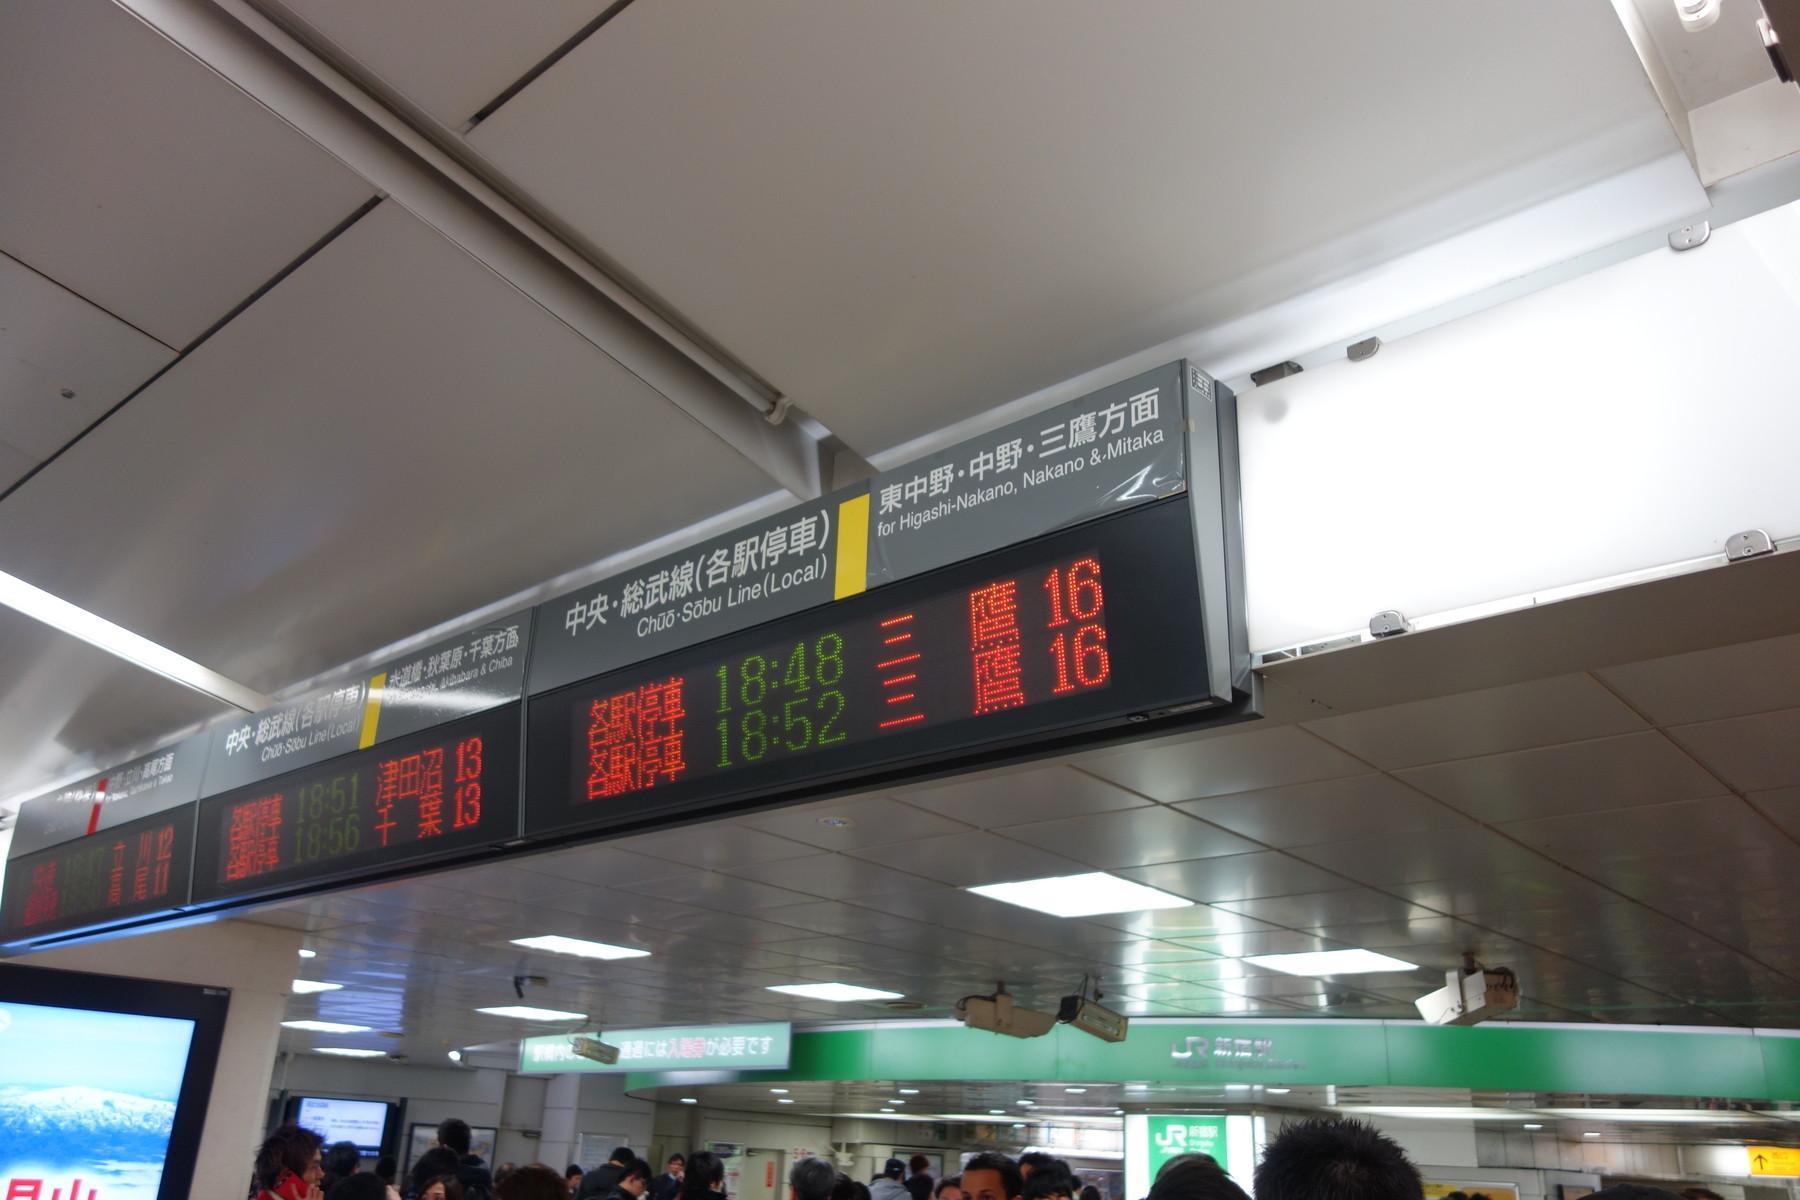 進撃の巨人のイベント 新宿駅構内で明日10時からスタート 新宿ニュースblog